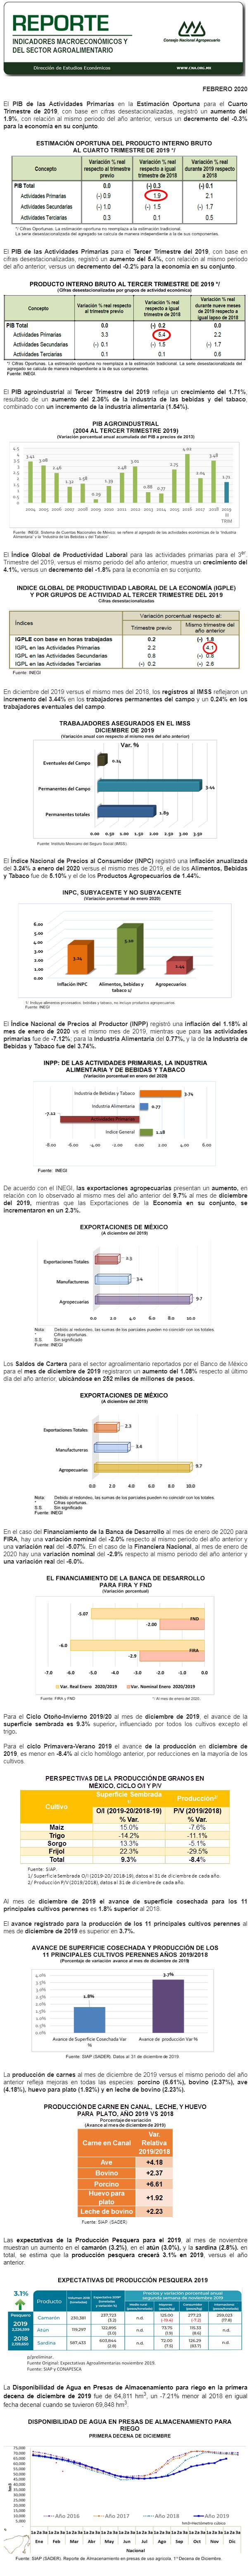 Reporte Indicadores Macroeconómicos y Sectoriales Febrero 2020.